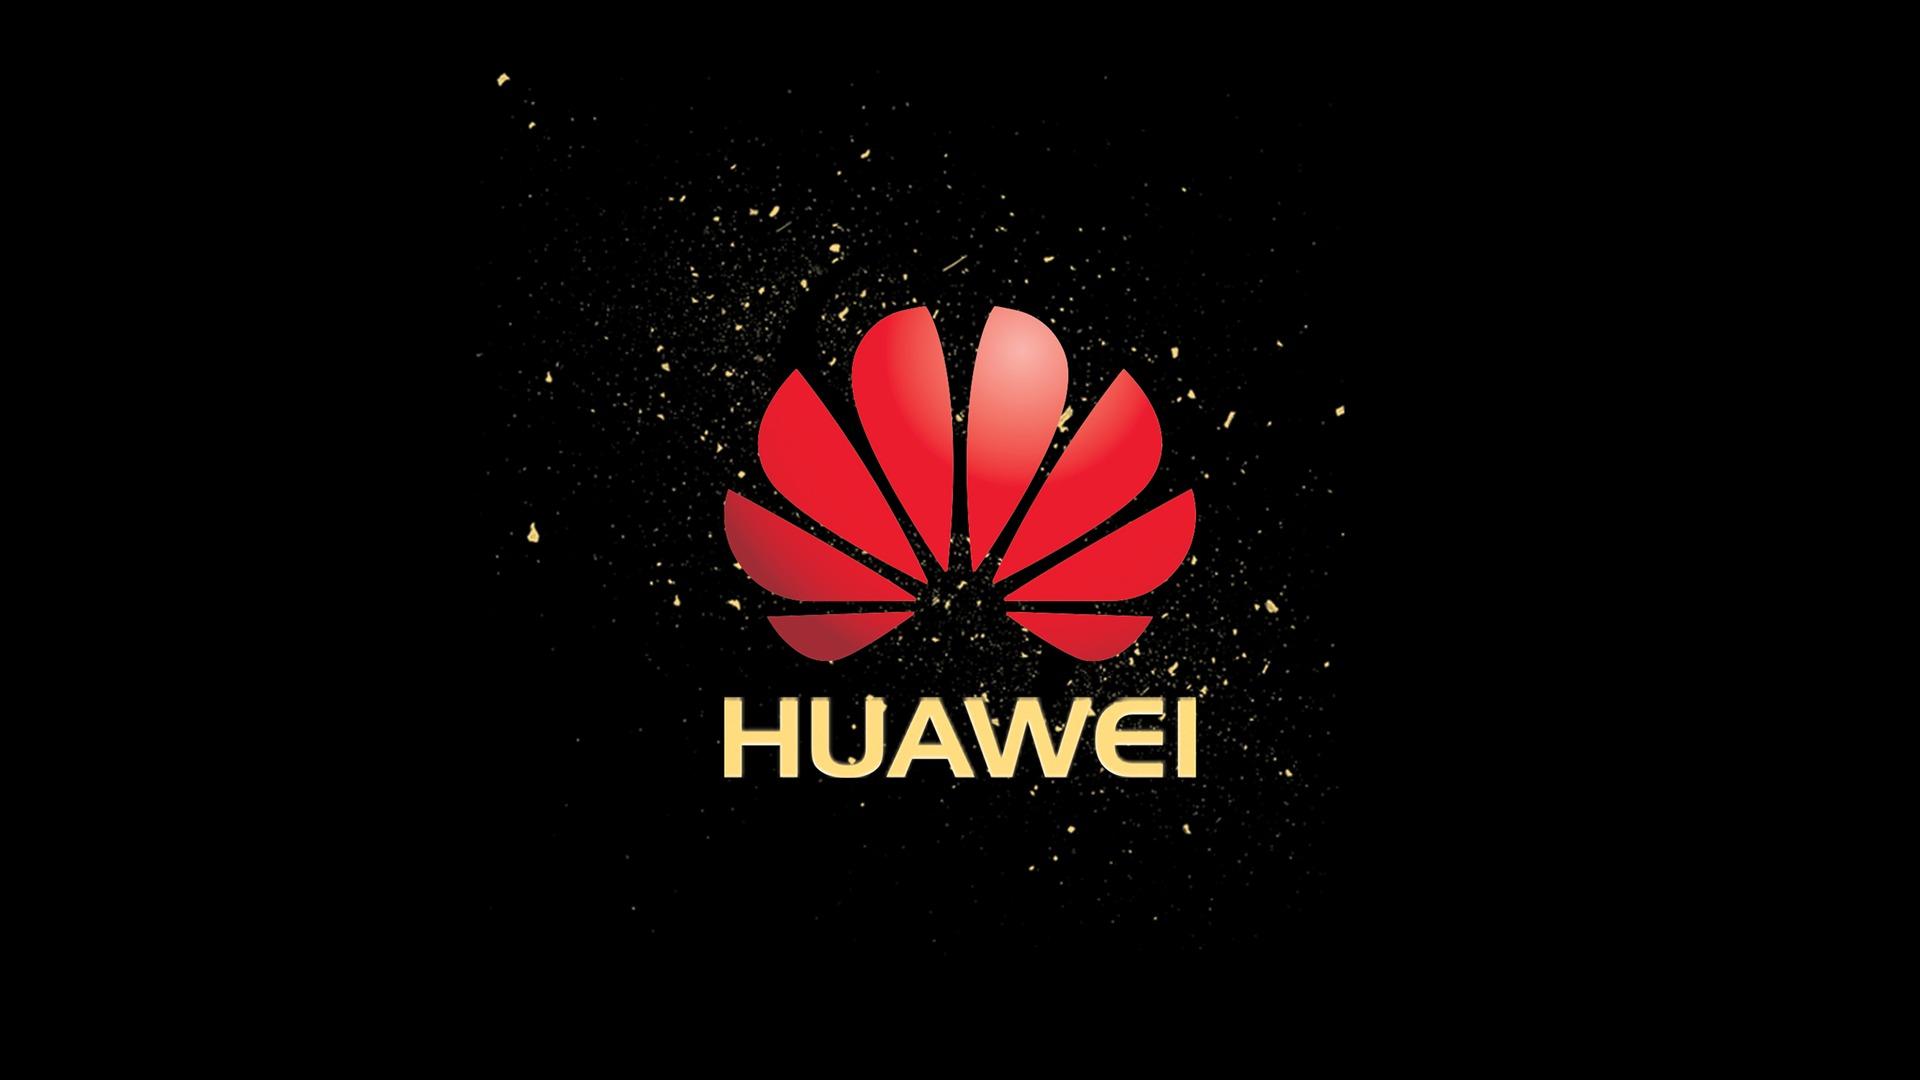 Huawei ブランド ロゴ 暗い背景プレビュー 10wallpaper Com